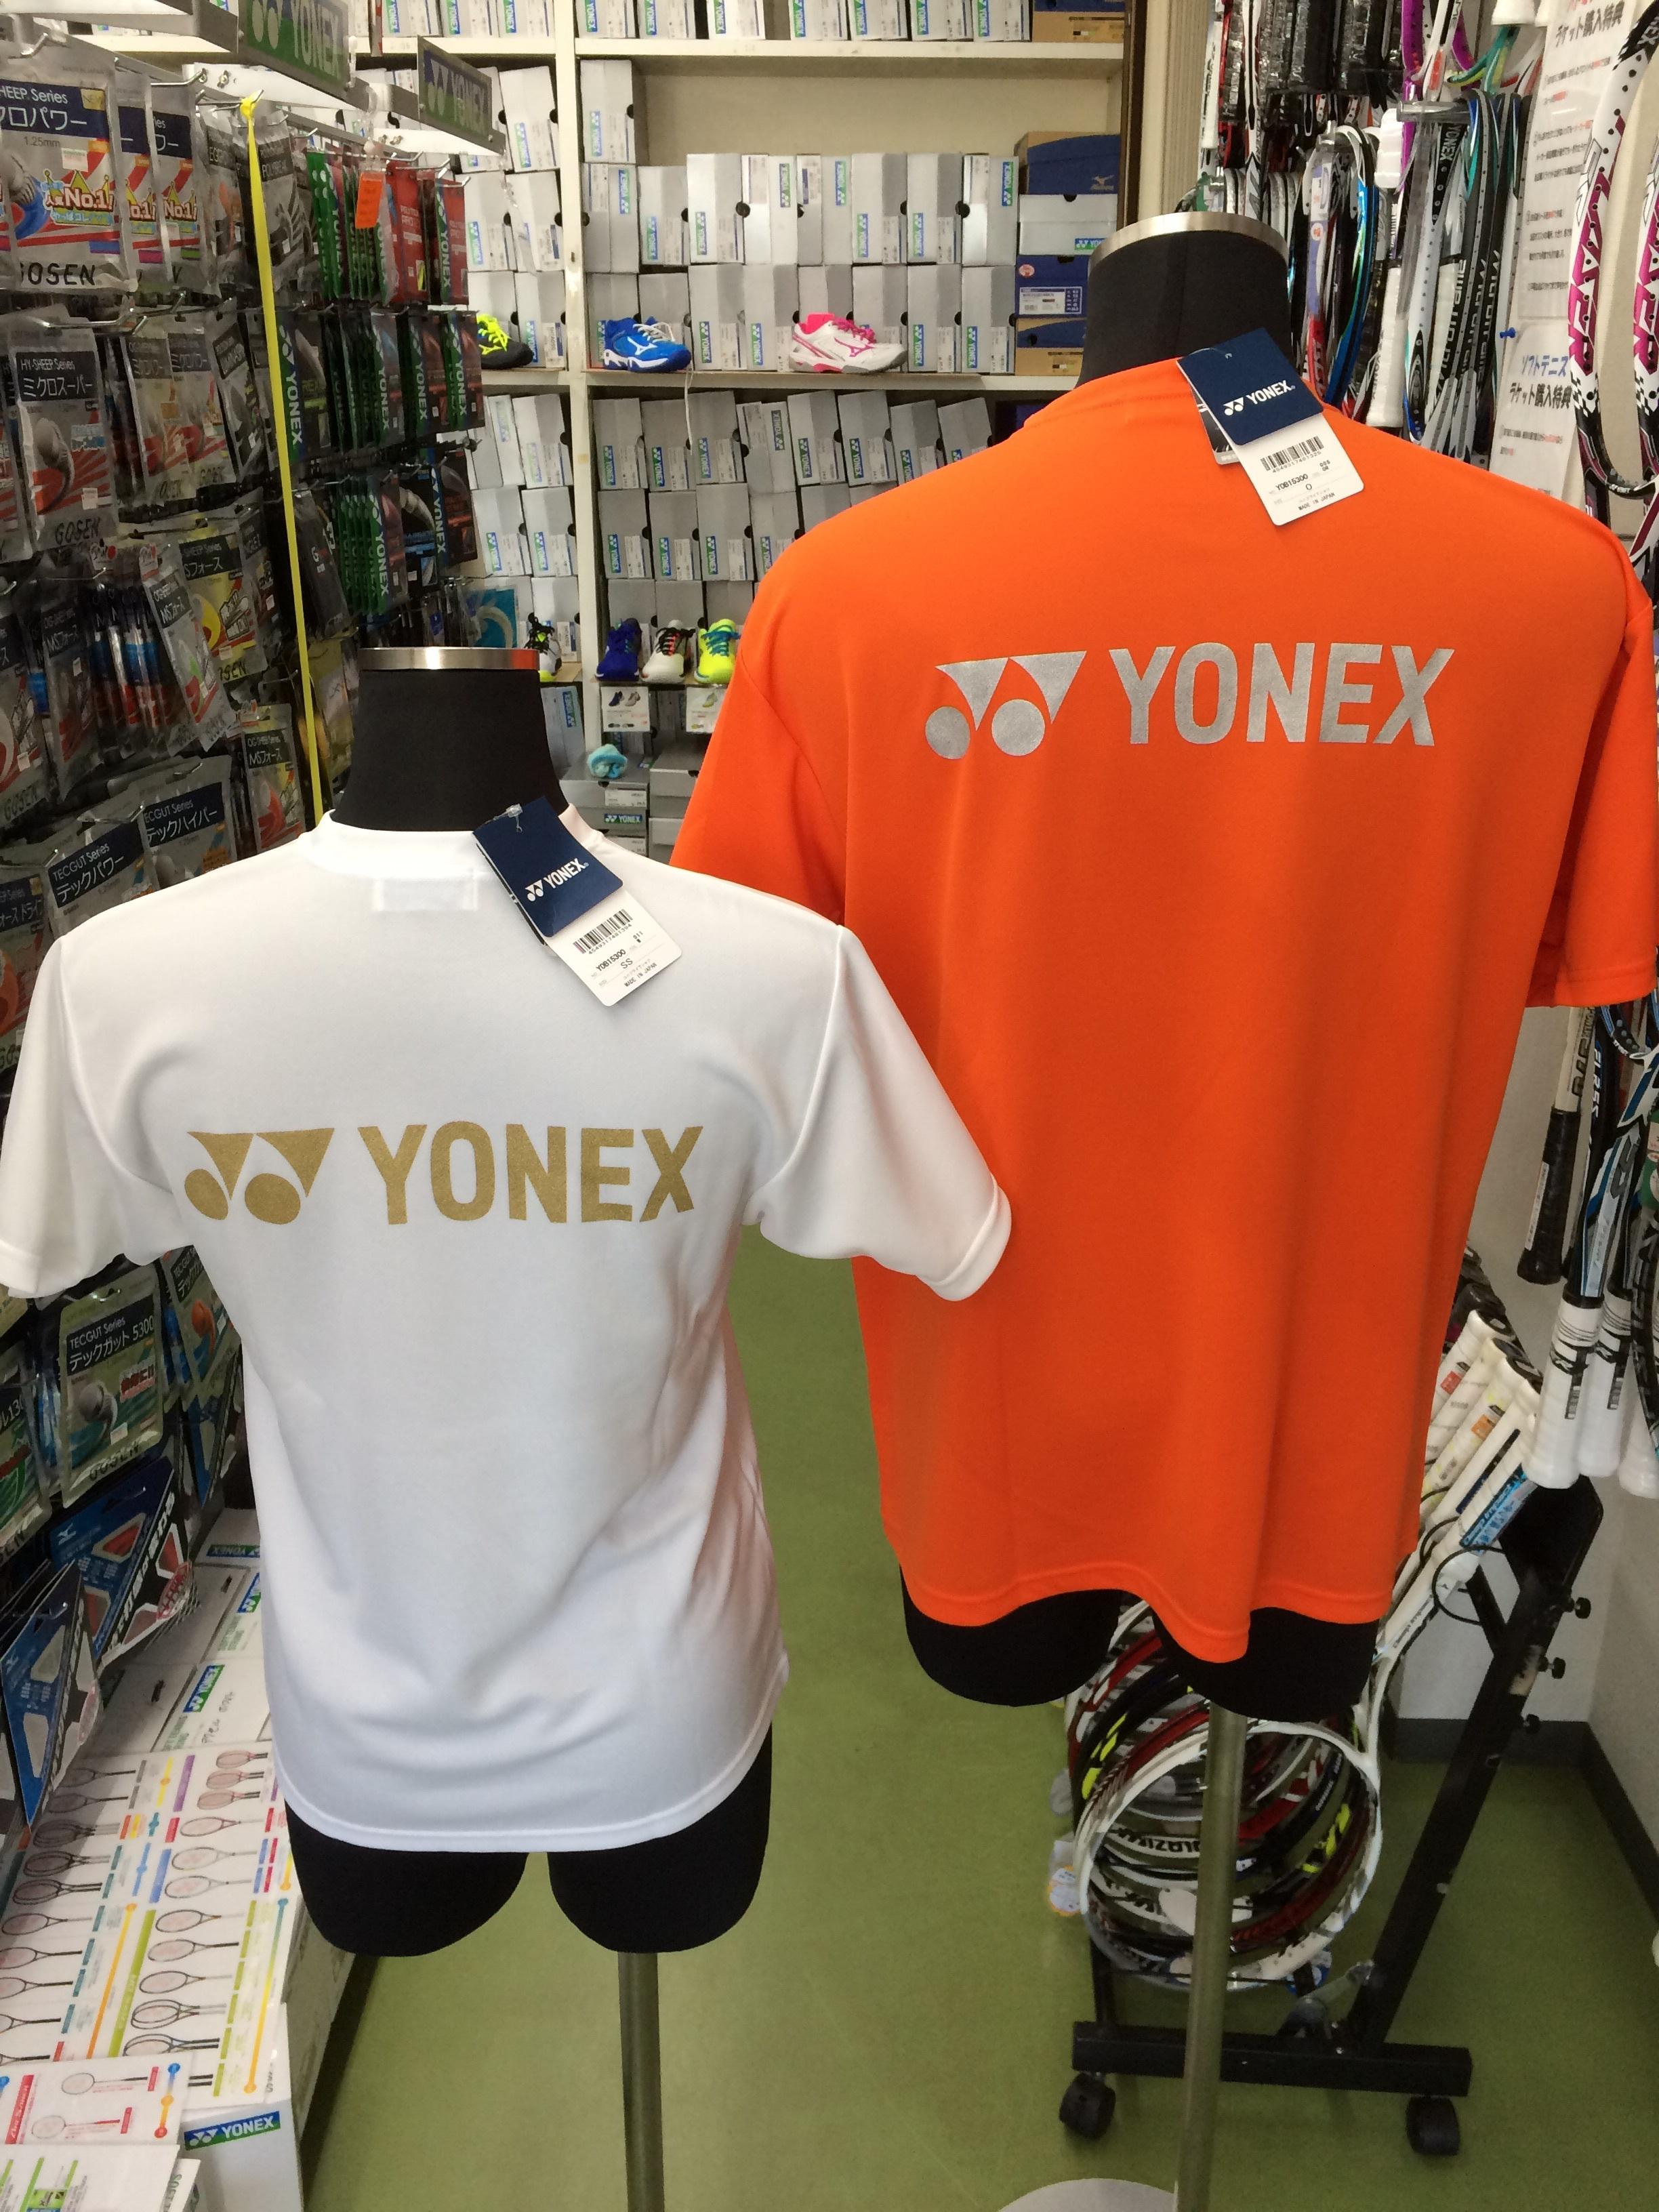 ヨネックス Tシャツ YOB15300 - 画像4